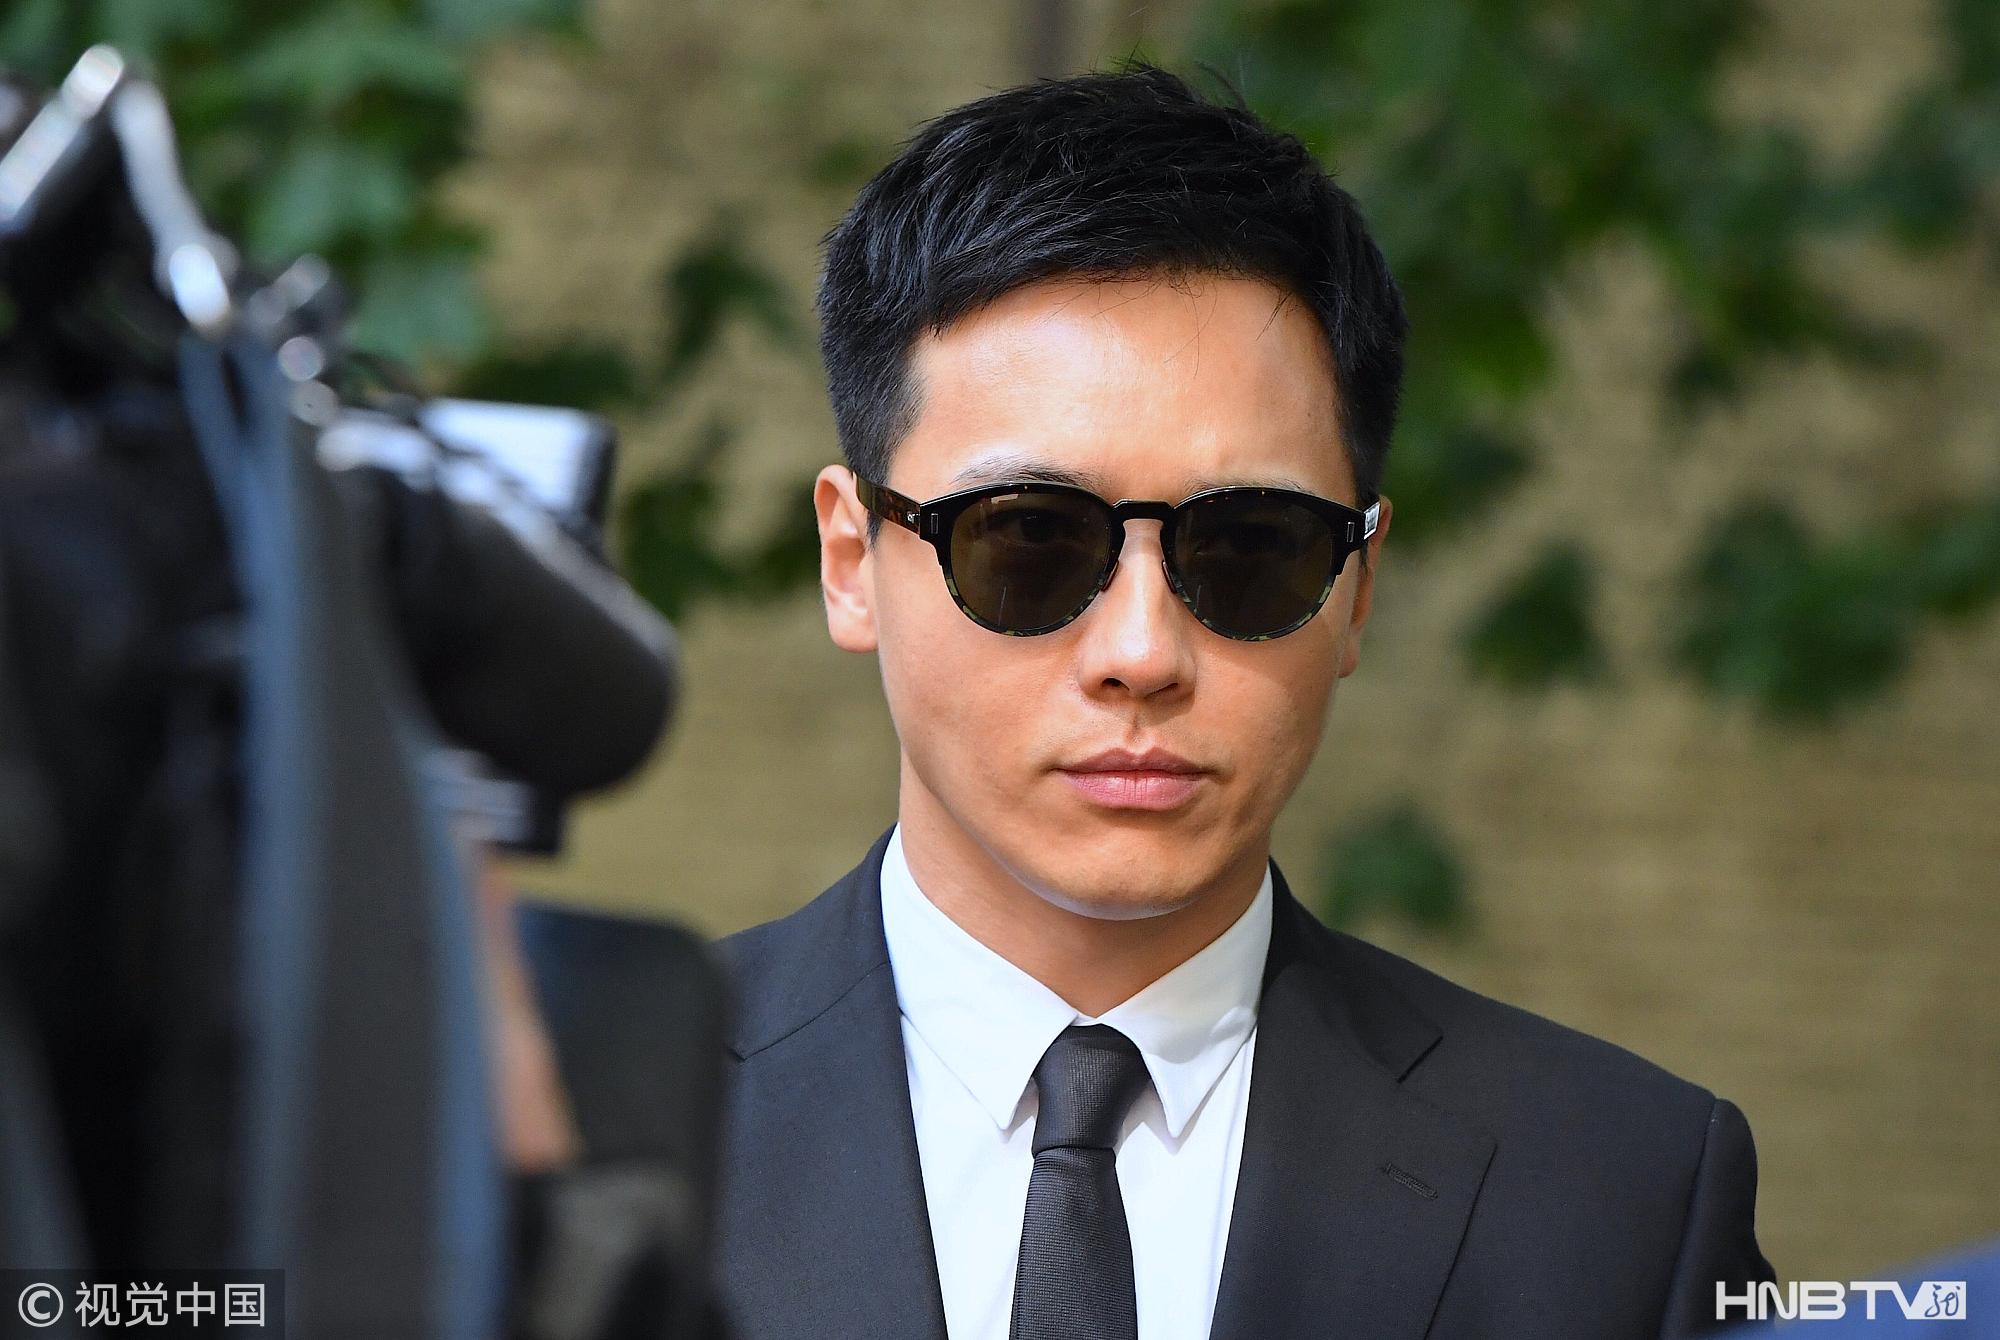 高云翔获律师陪同再次过堂 戴墨镜穿黑色西服现身